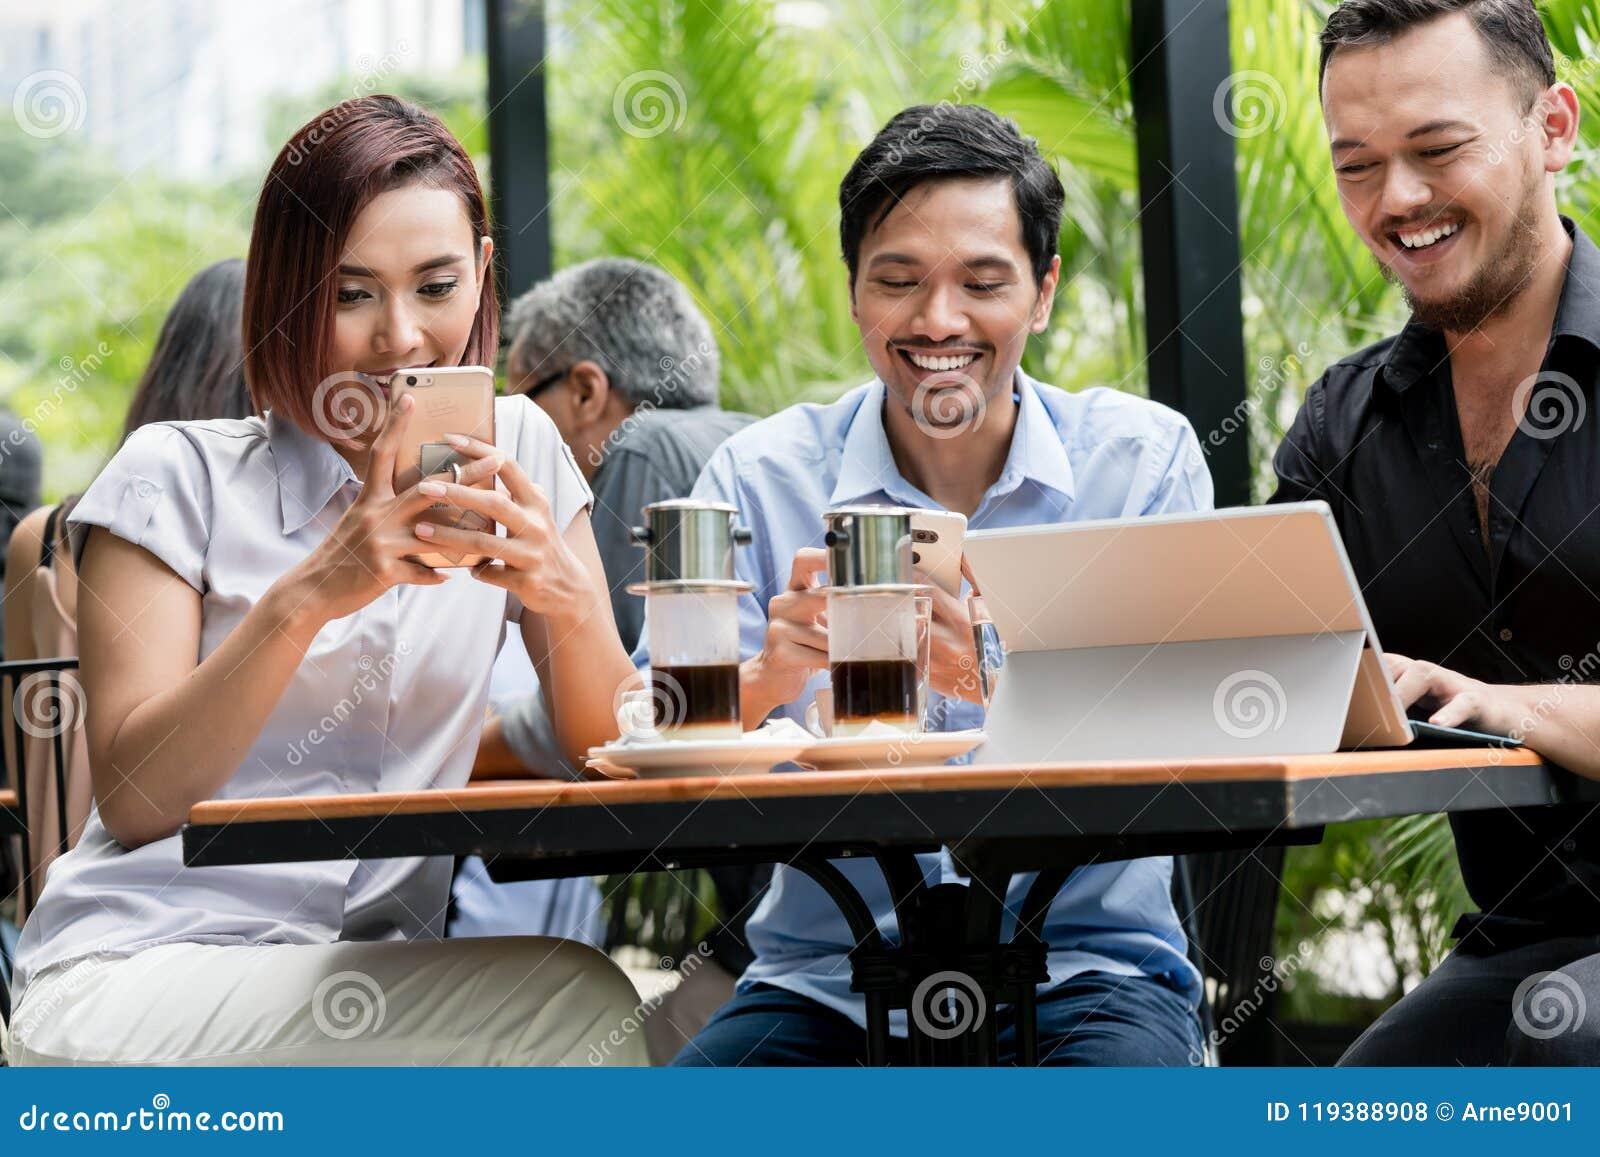 Друзья используя приборы соединились к беспроволочному интернету современной кофейни